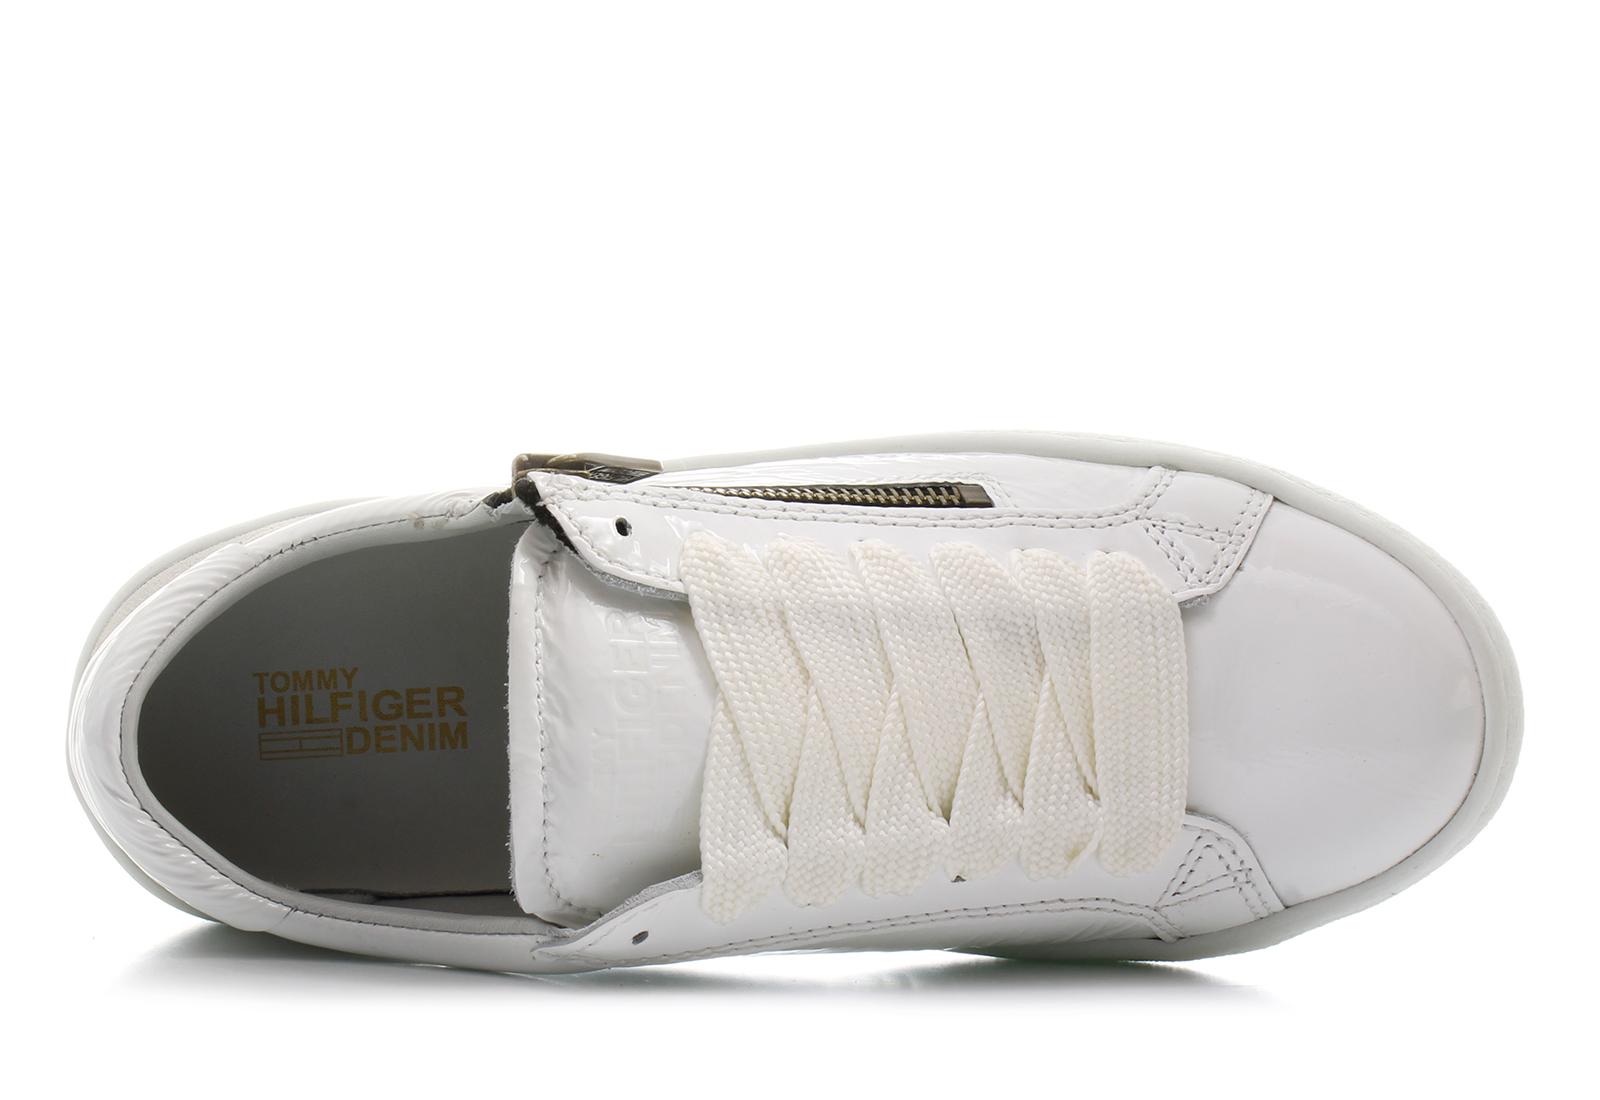 0895e28c687 Tommy Hilfiger Shoes - Ariel 1z1 - 17F-1934-100 - Online shop for ...